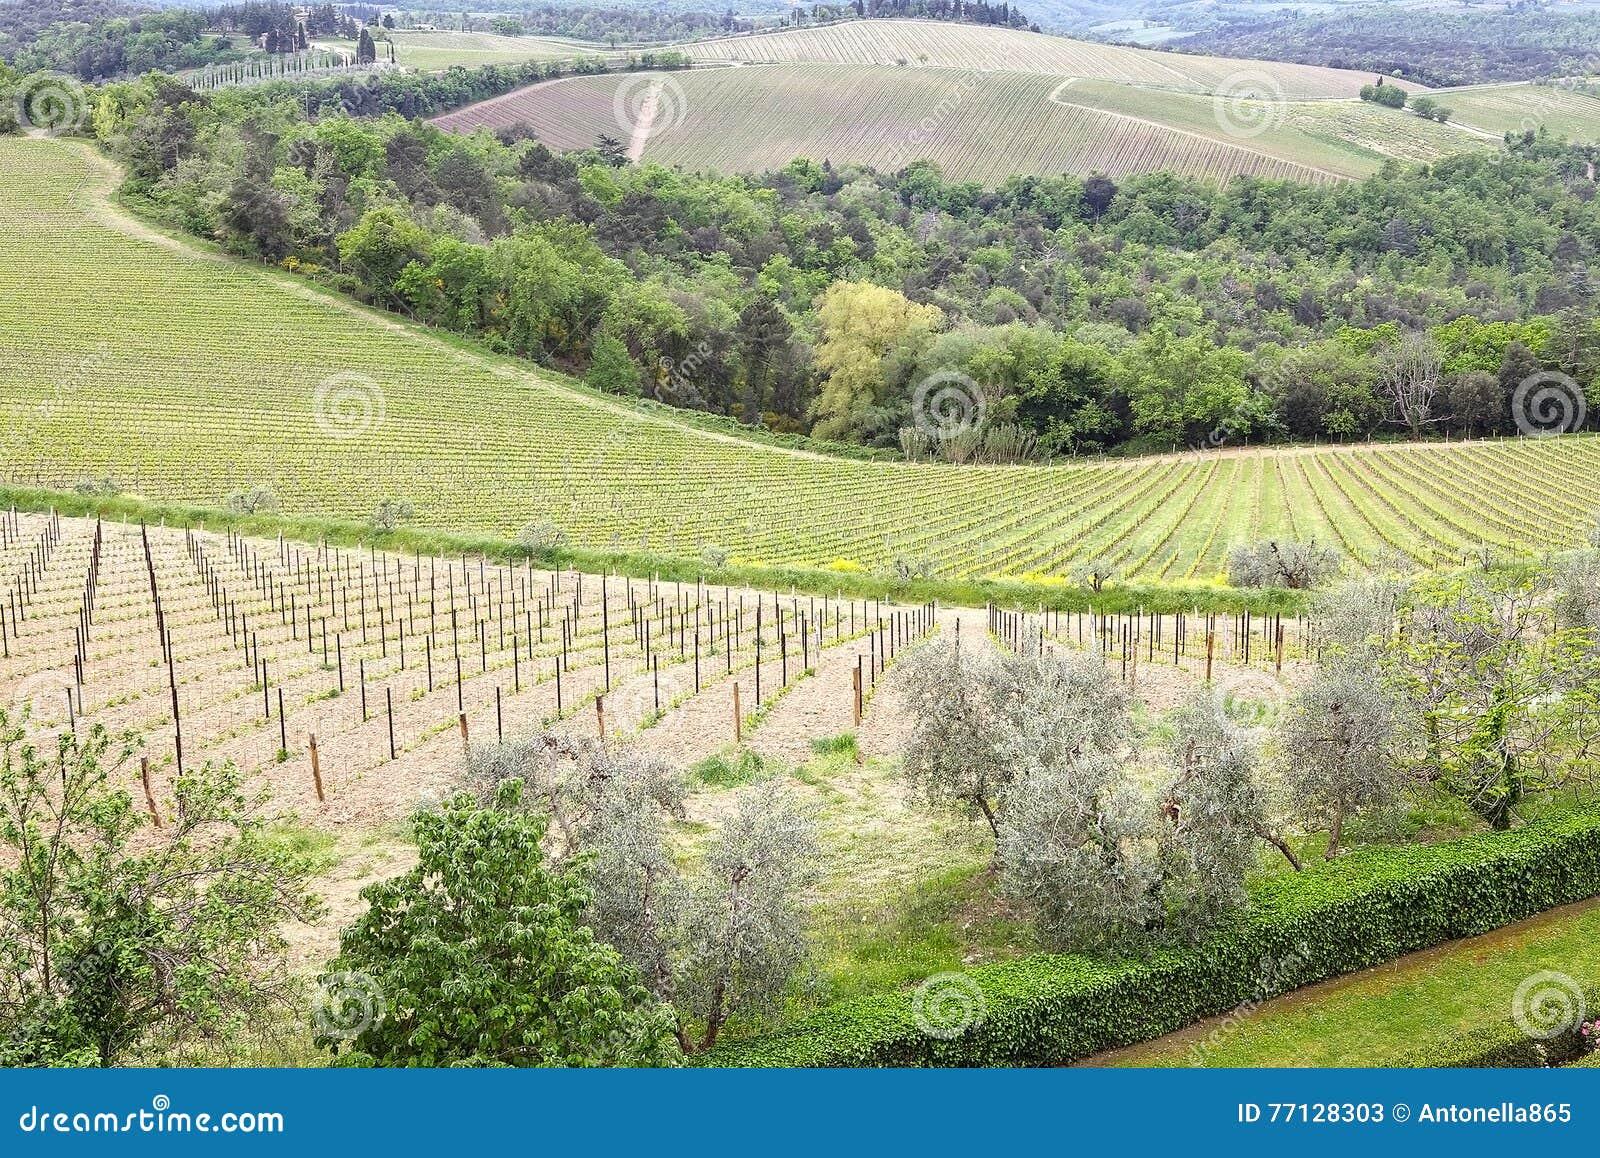 Tuscan wineyards